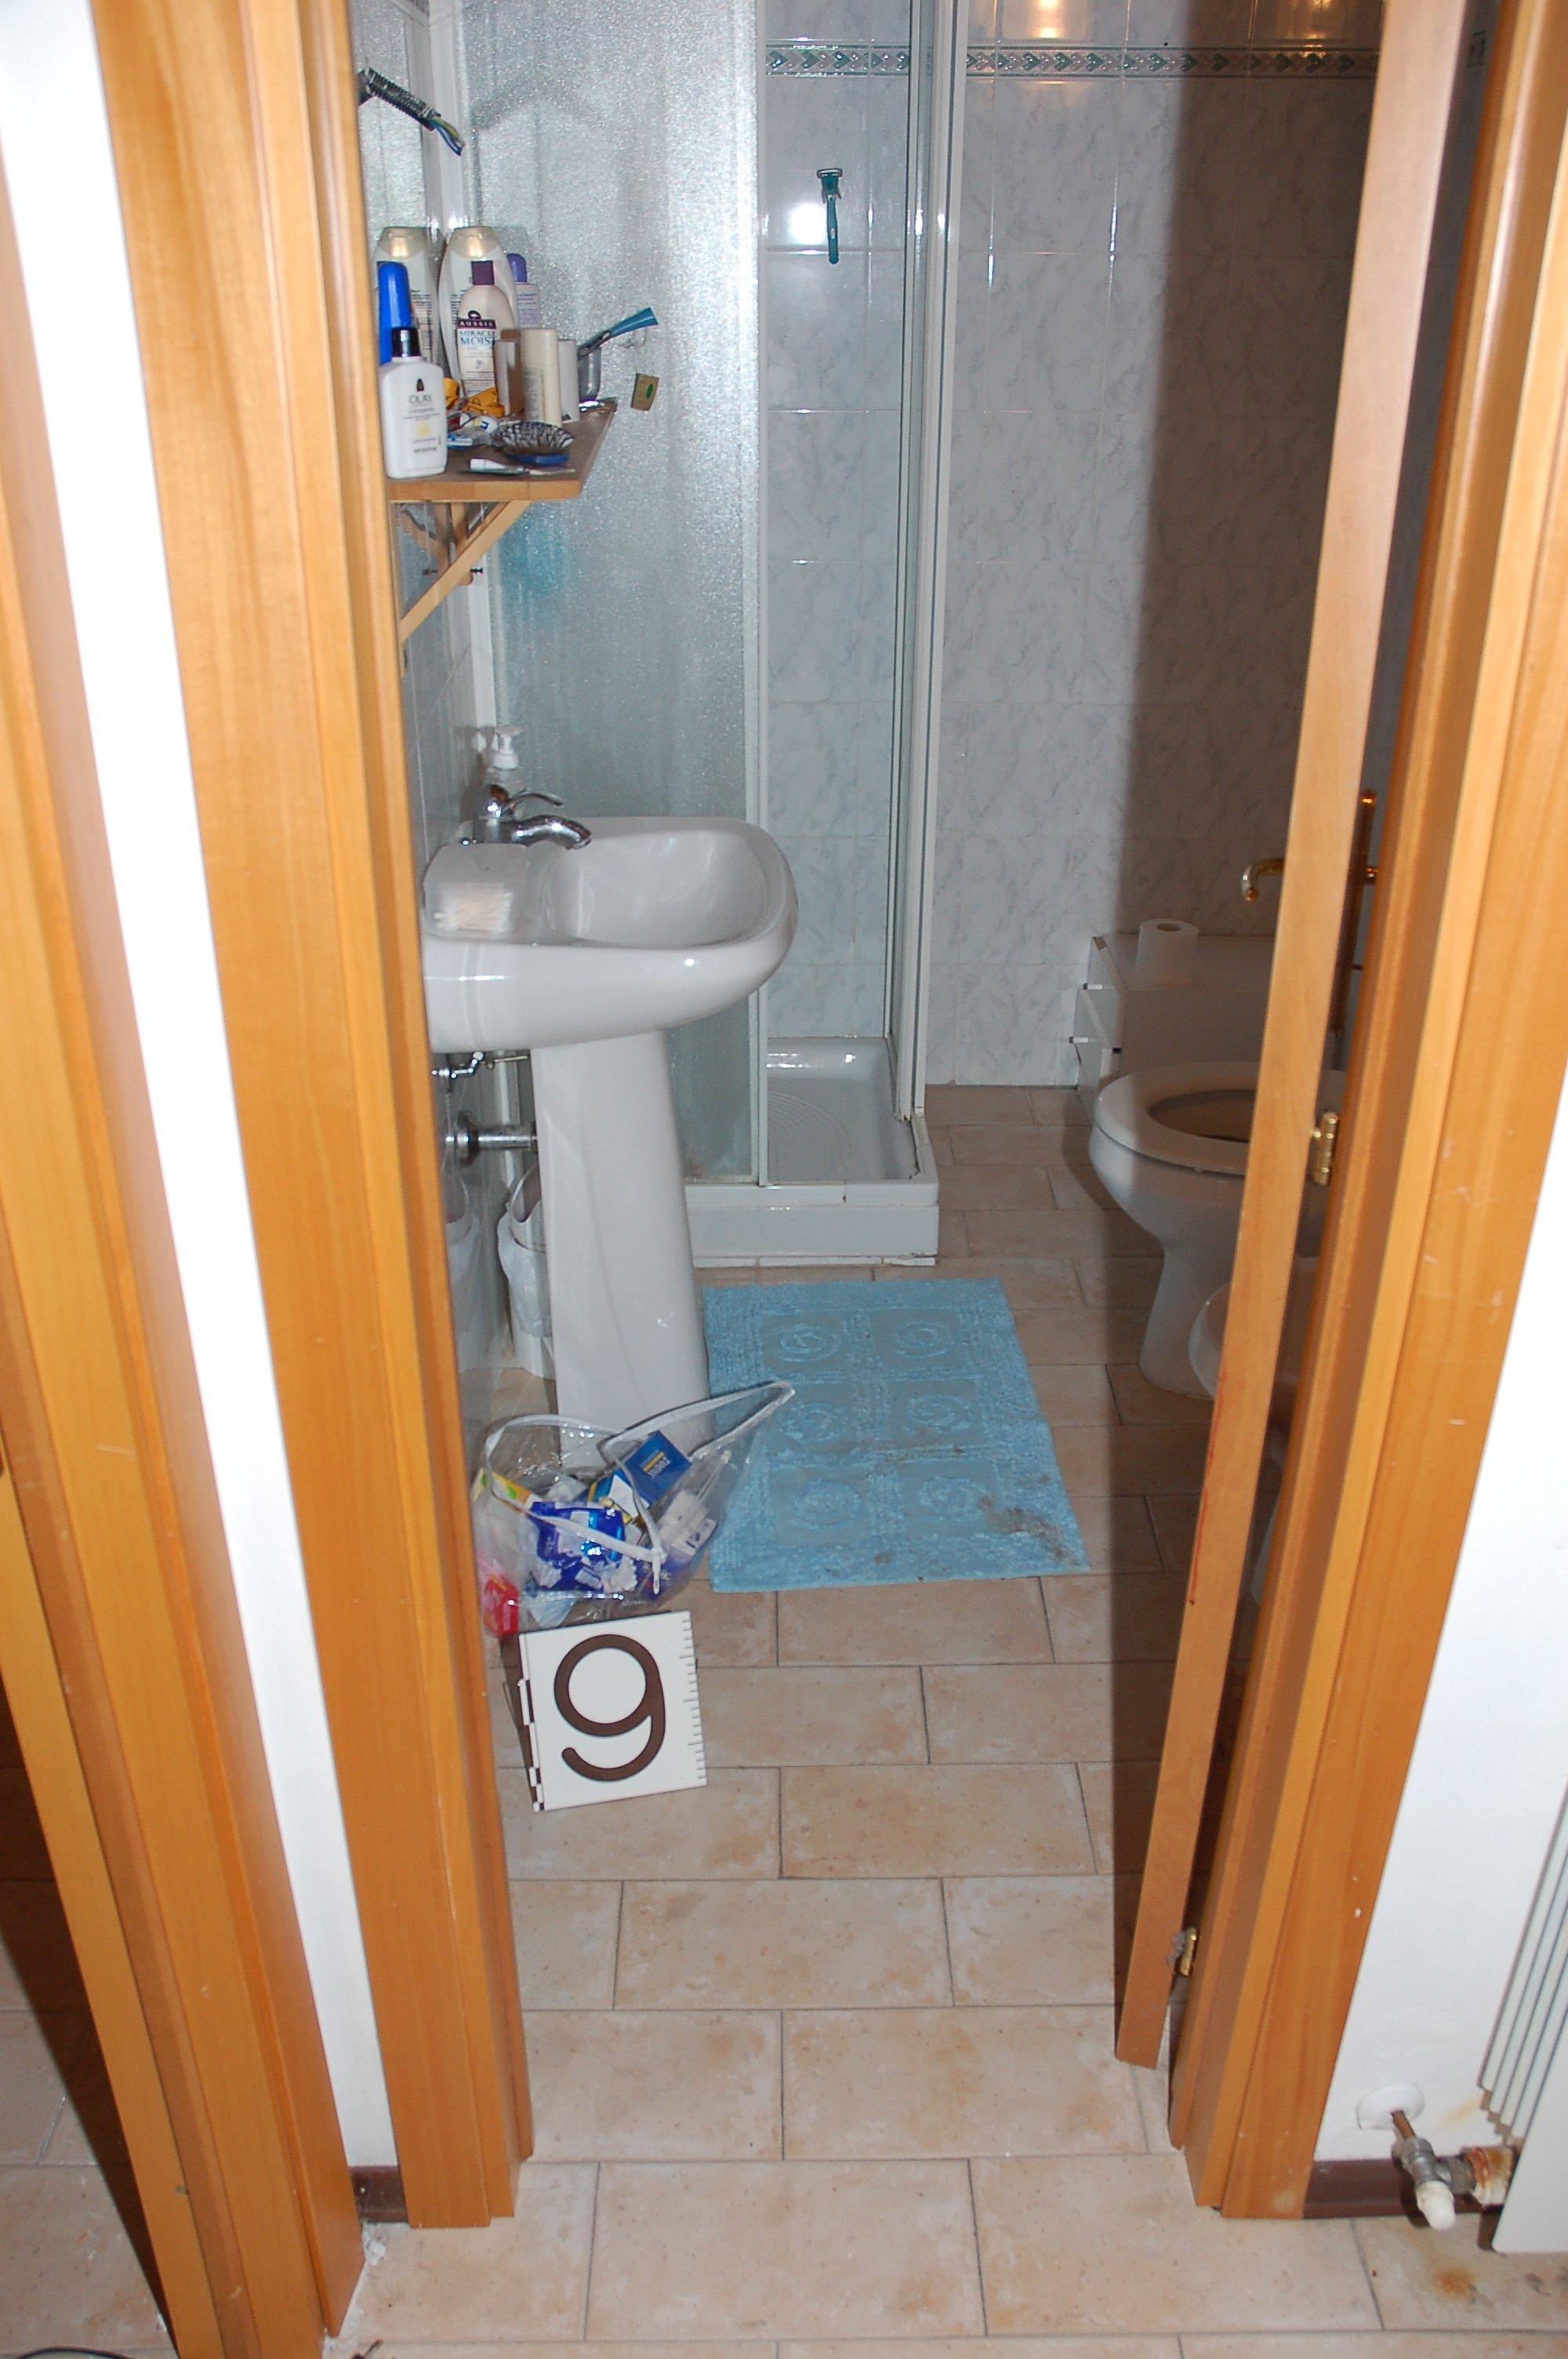 7 Via Della Pergola The Small Bathroom